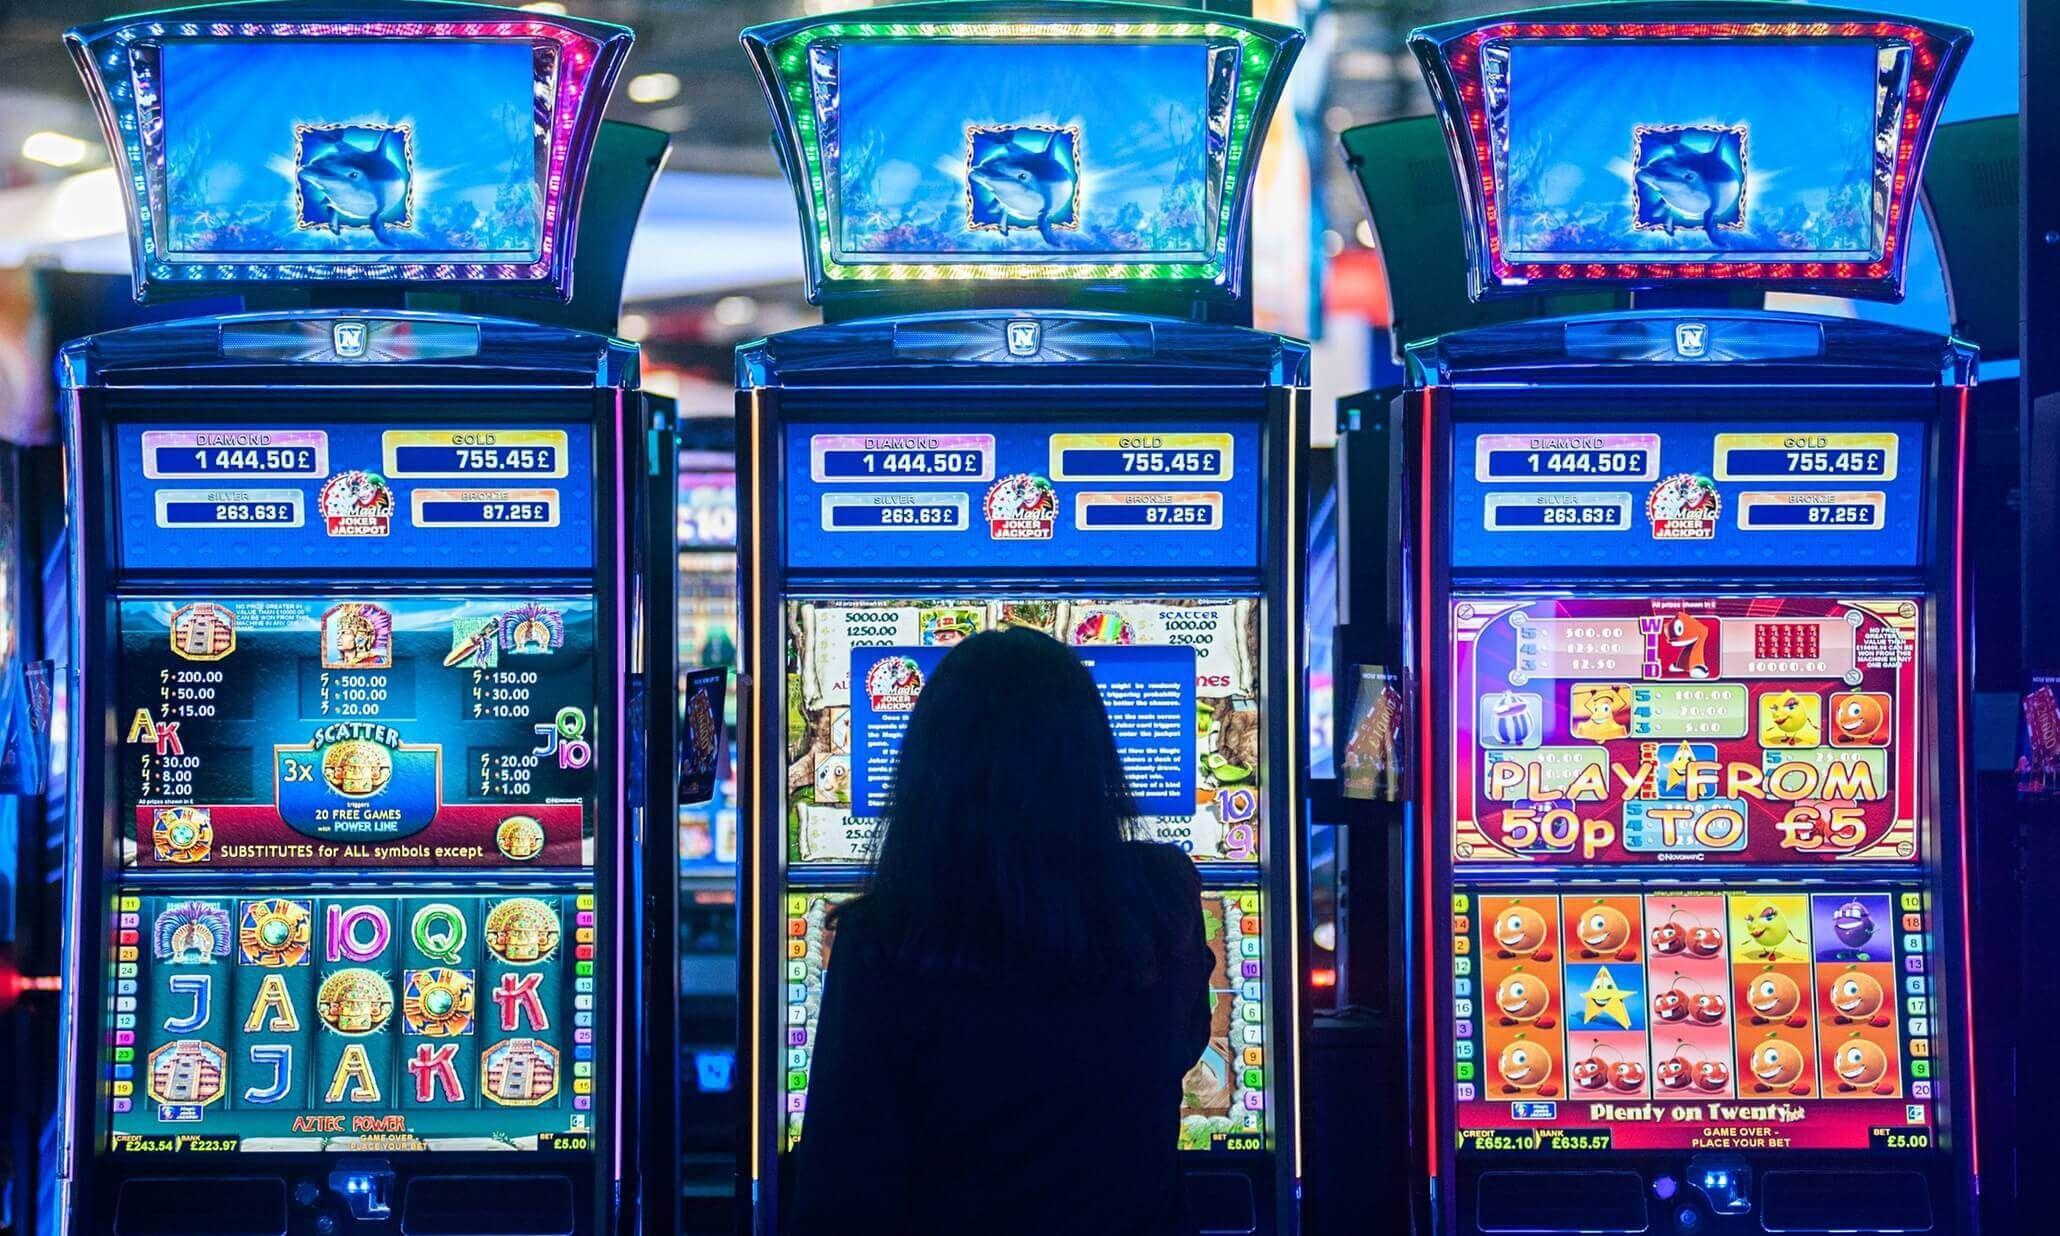 Игровой автомат карусель бесплатно лучшая ставка играть на игровом автомате